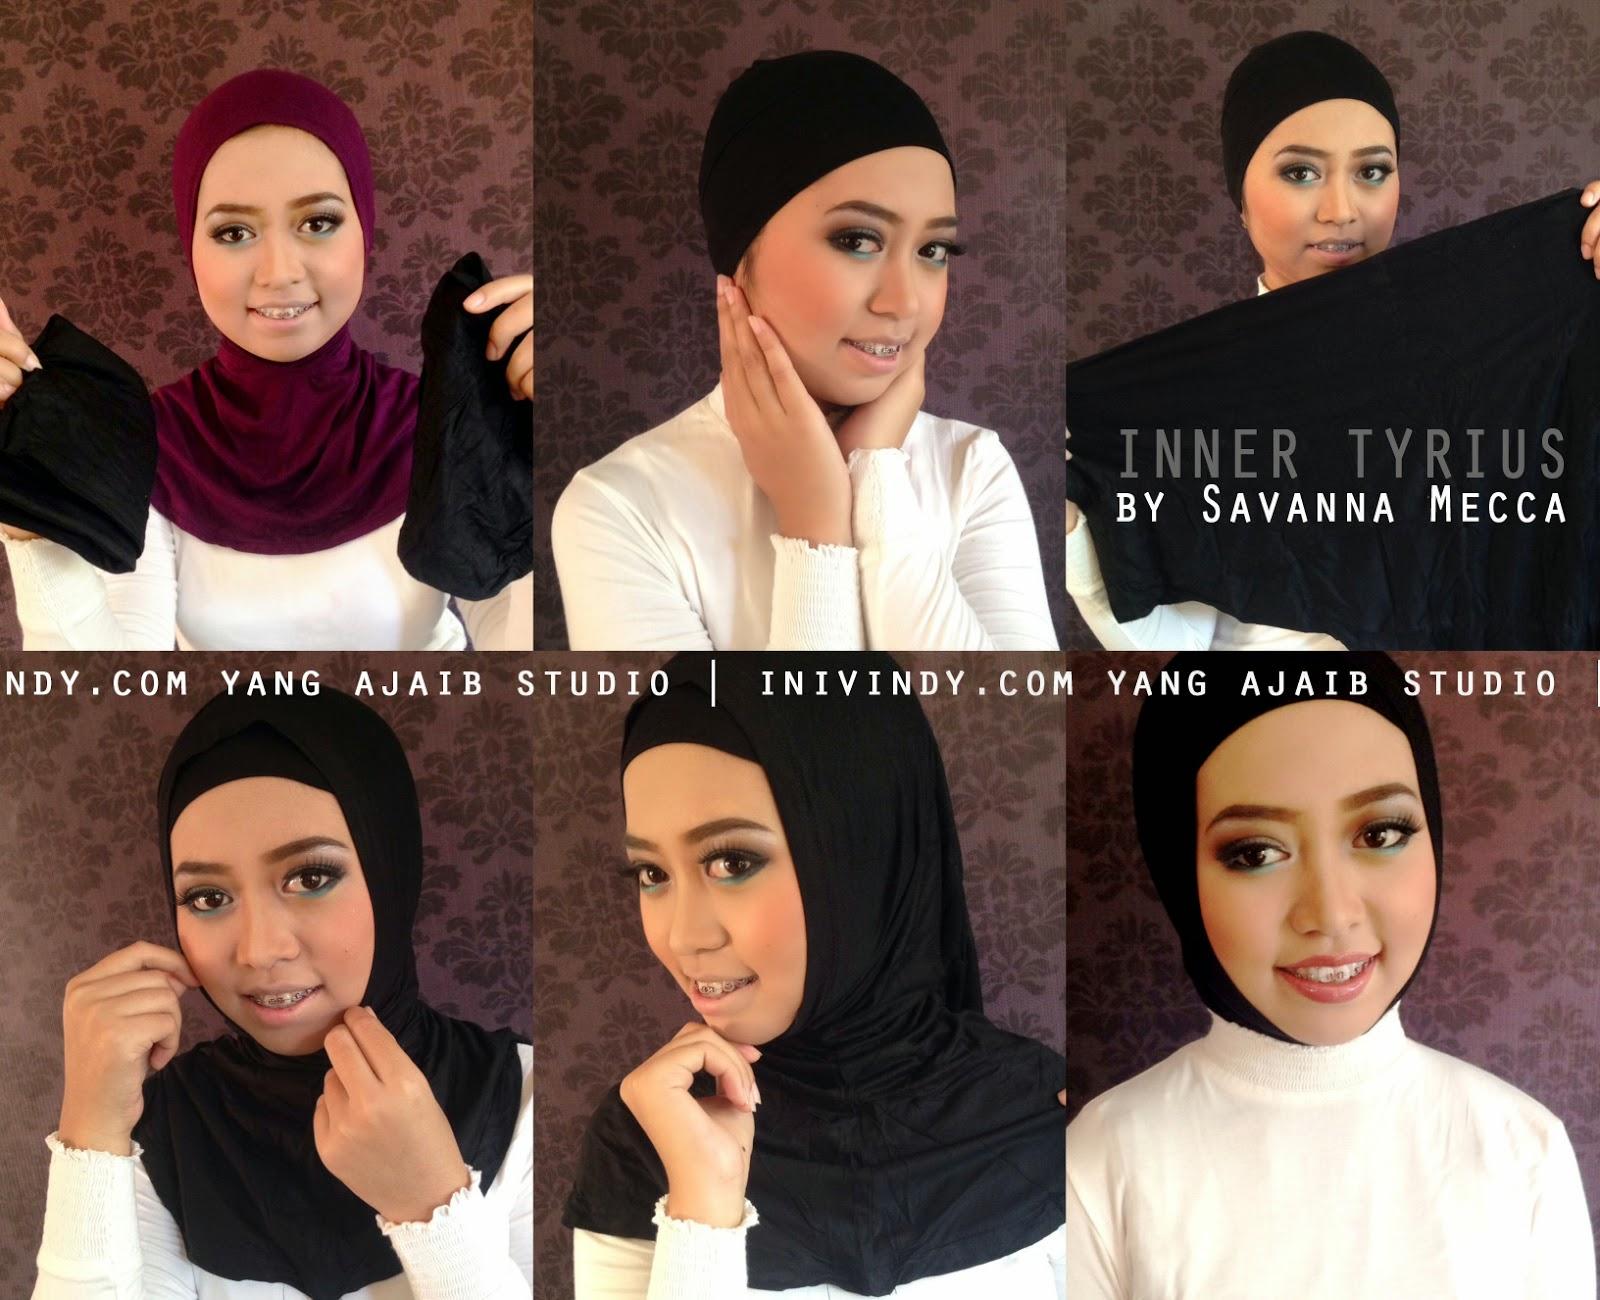 Ini Vindy Yang Ajaib Dueto Hijab Tutorial Menggunakan Inner